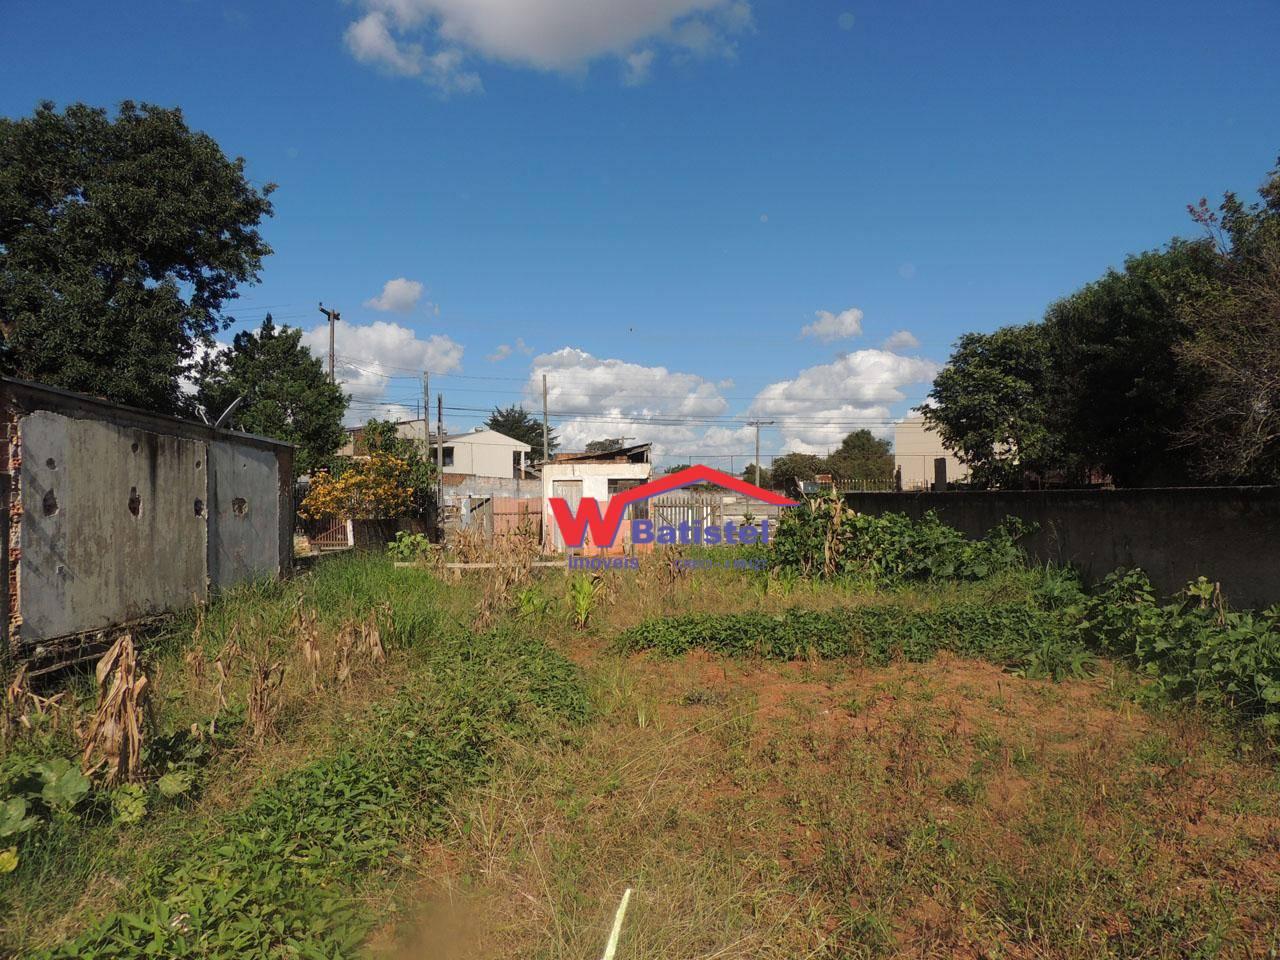 Terreno à venda, 456 m² por R$ 235.000 na Rua Paulo Cheremetta, 167 - Monza - Colombo/PR